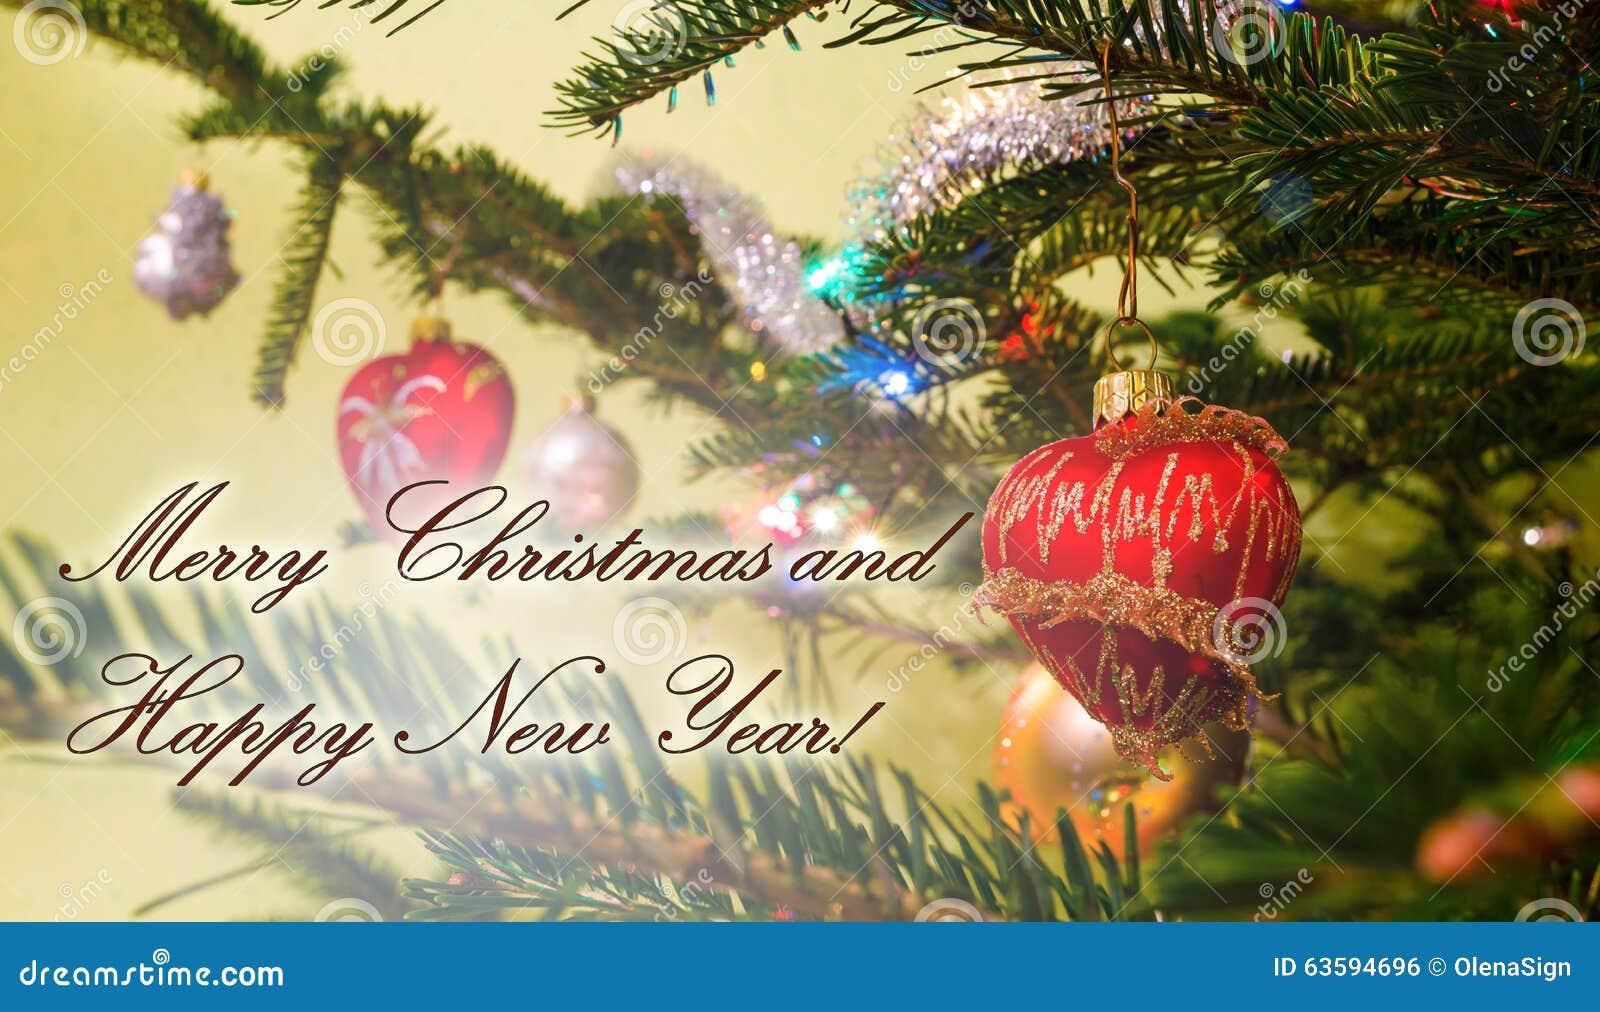 Buon Natale Particolare.Cartolina D Auguri Di Buon Natale Con Le Sfere Di Natale Fotografia